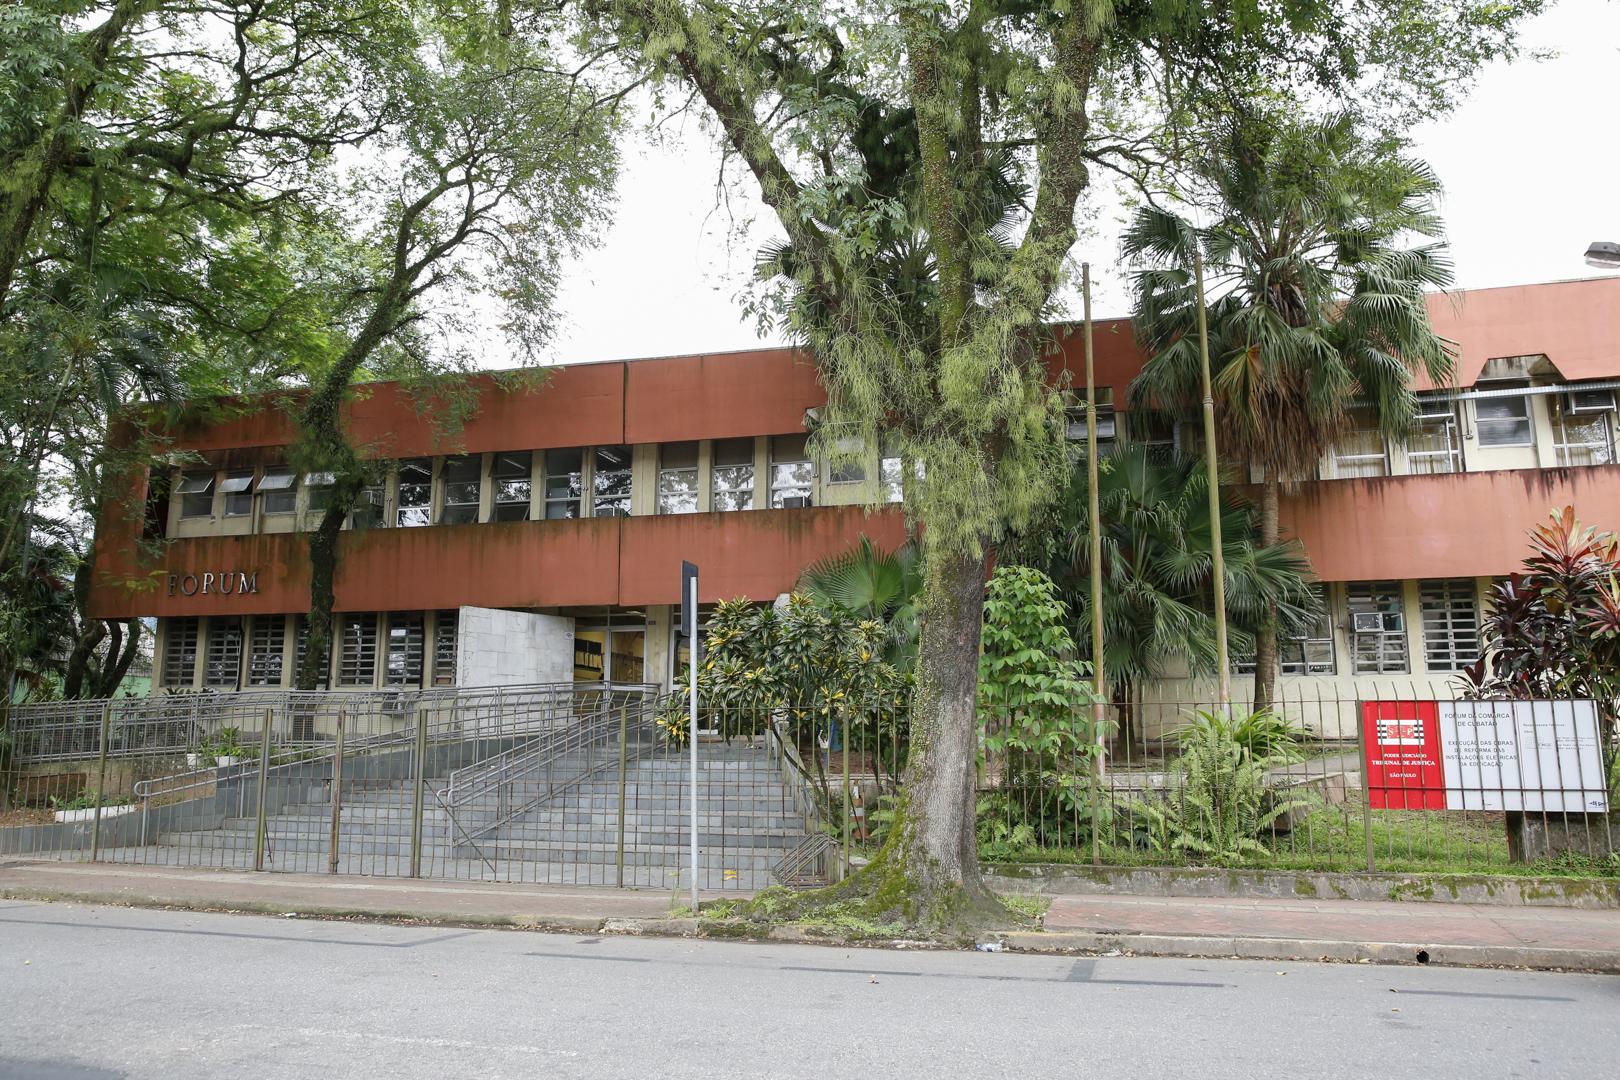 Juízes da Presidência visitam Fórum de Cubatão